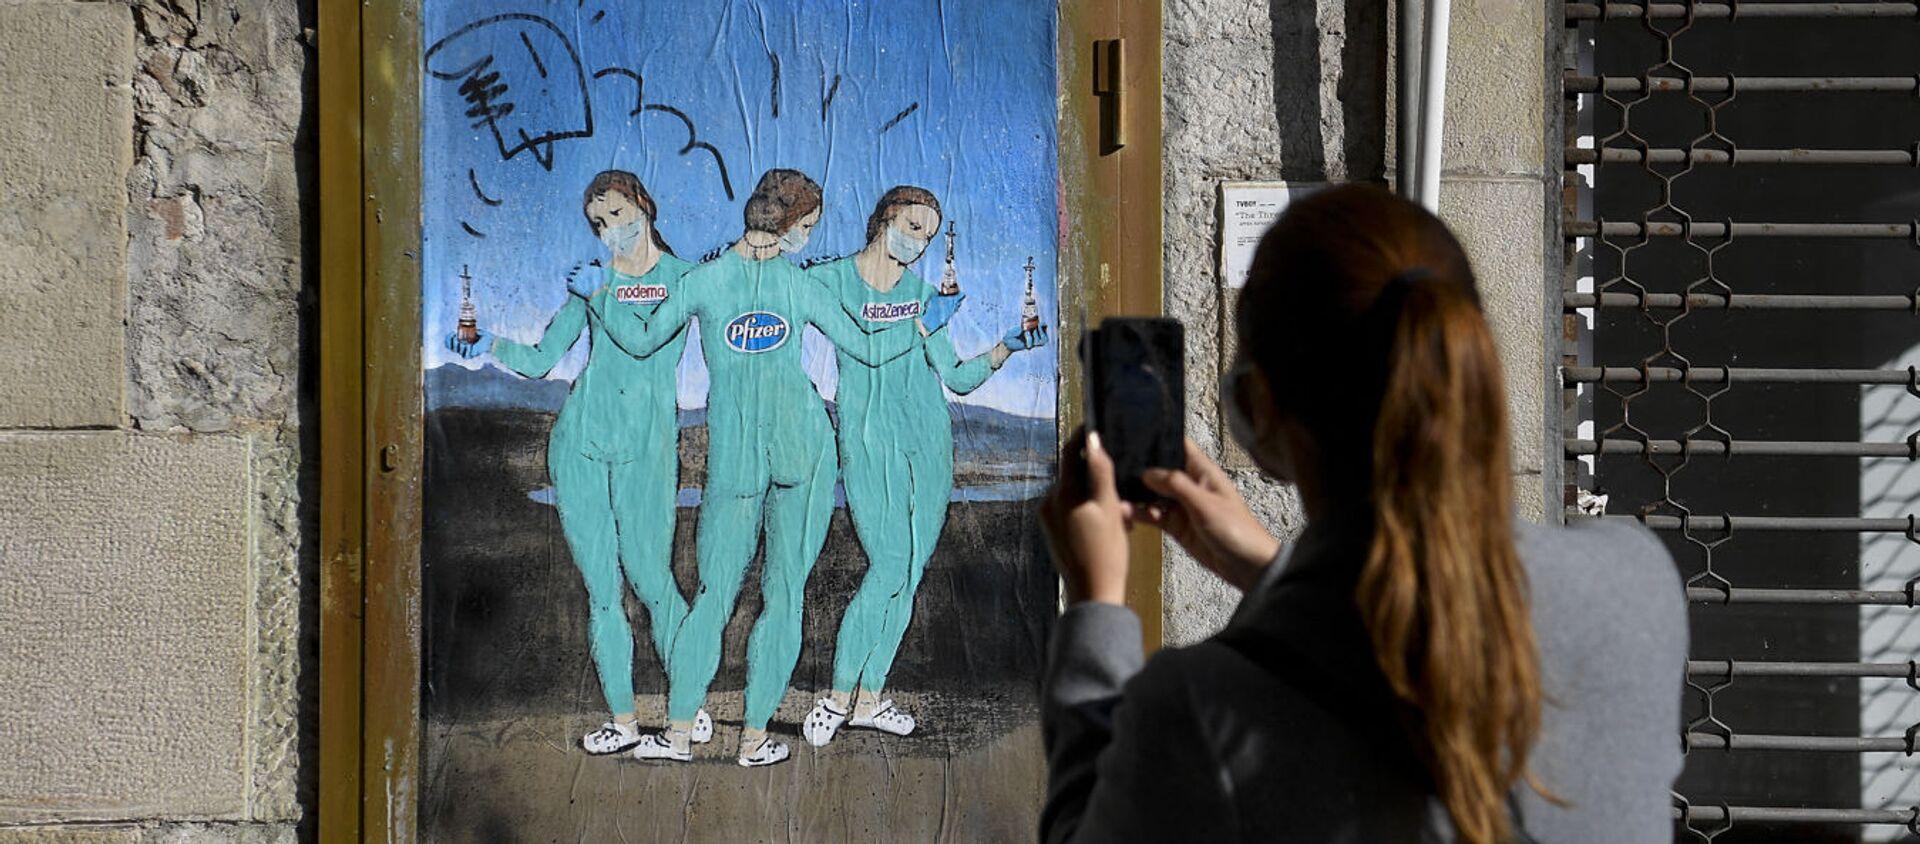 """Graffiti """"Trzy szczepionki"""" włoskiego artysty ulicznego TvBoy podobne do """"Trzy Gracje """"  Rafaela w Barcelonie - Sputnik Polska, 1920, 31.05.2021"""